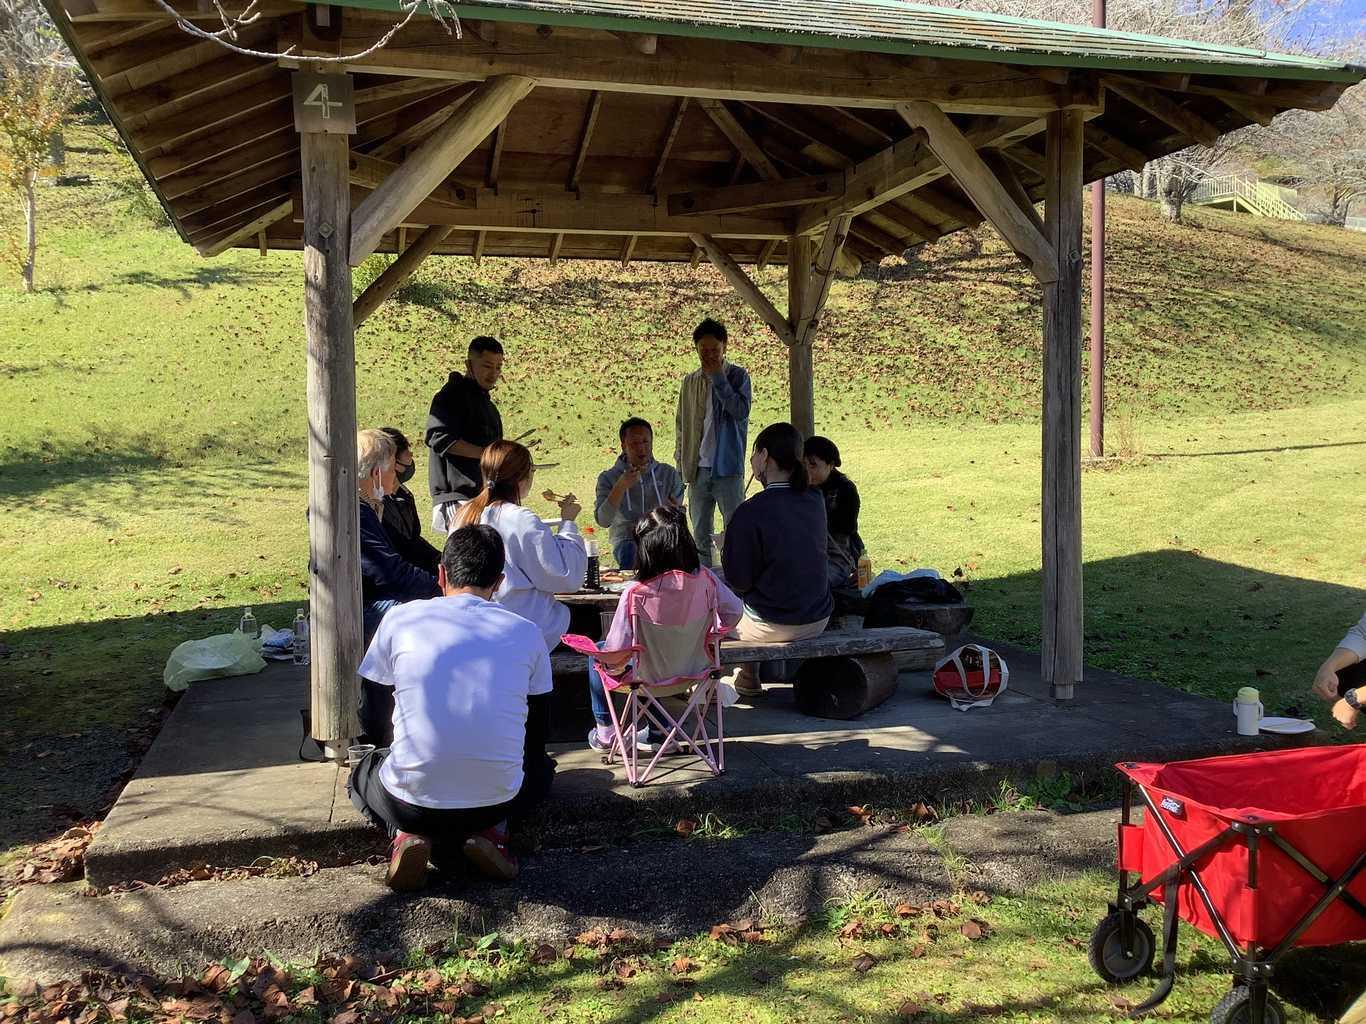 常陸大宮市やすらぎの里公園 の公式写真c17375